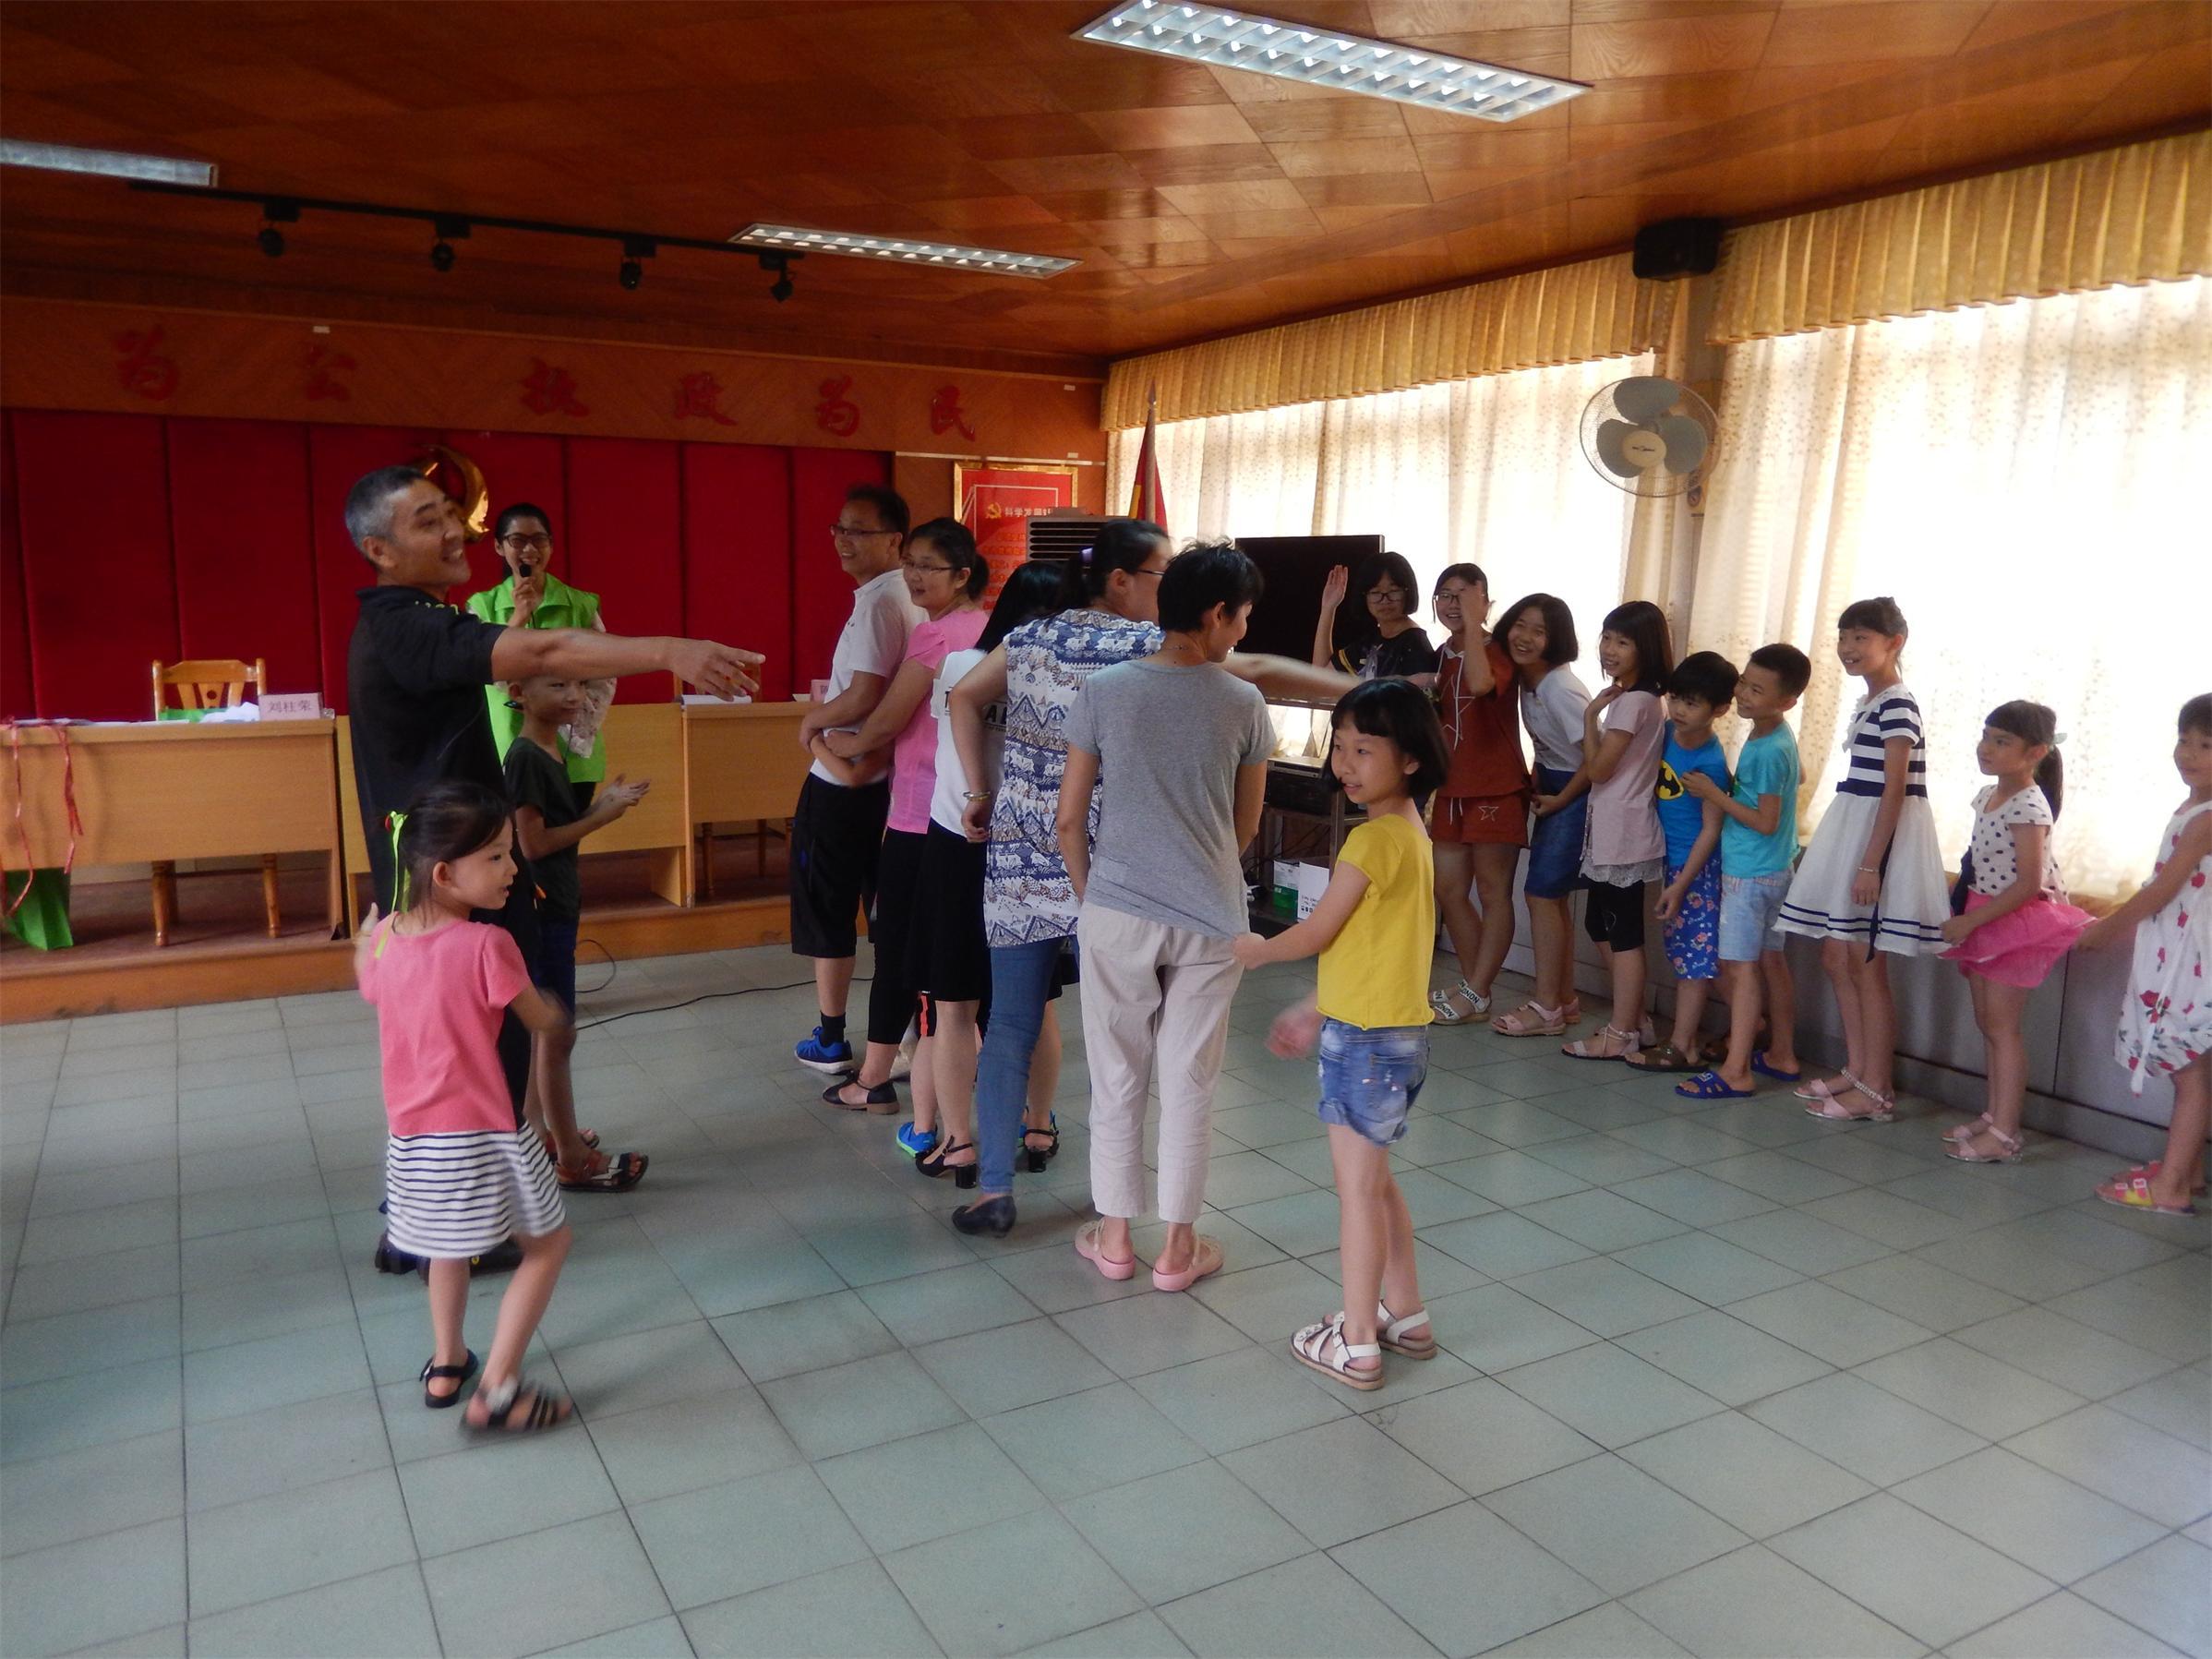 为增强志愿者的归属感,提升志愿者团队的凝聚力,6月10日,鹤田厦村